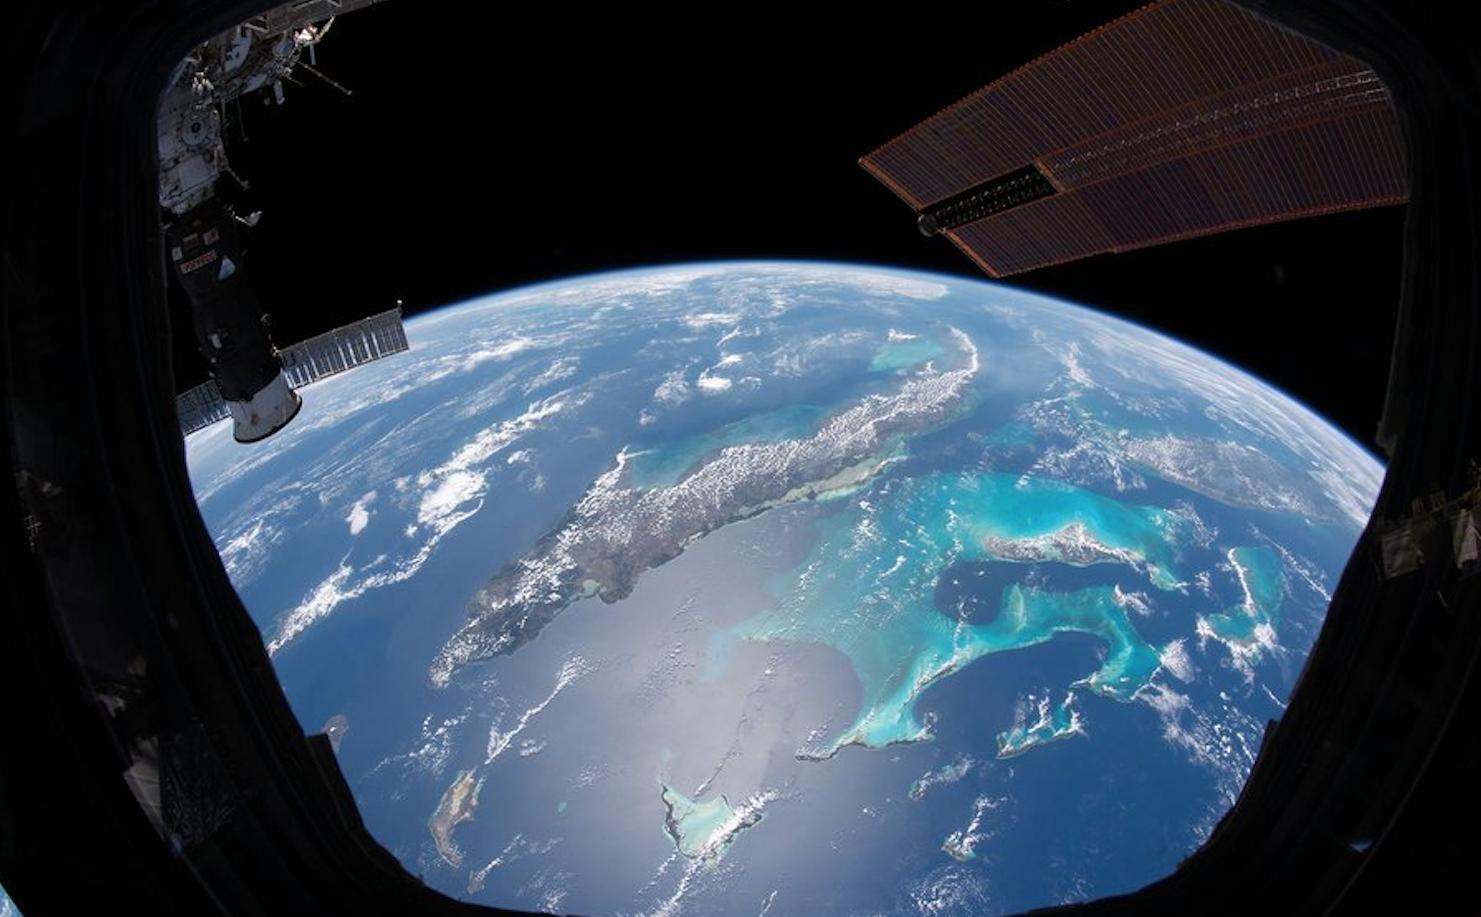 La Tierra desde los ojos de  astronautas de la Nasa